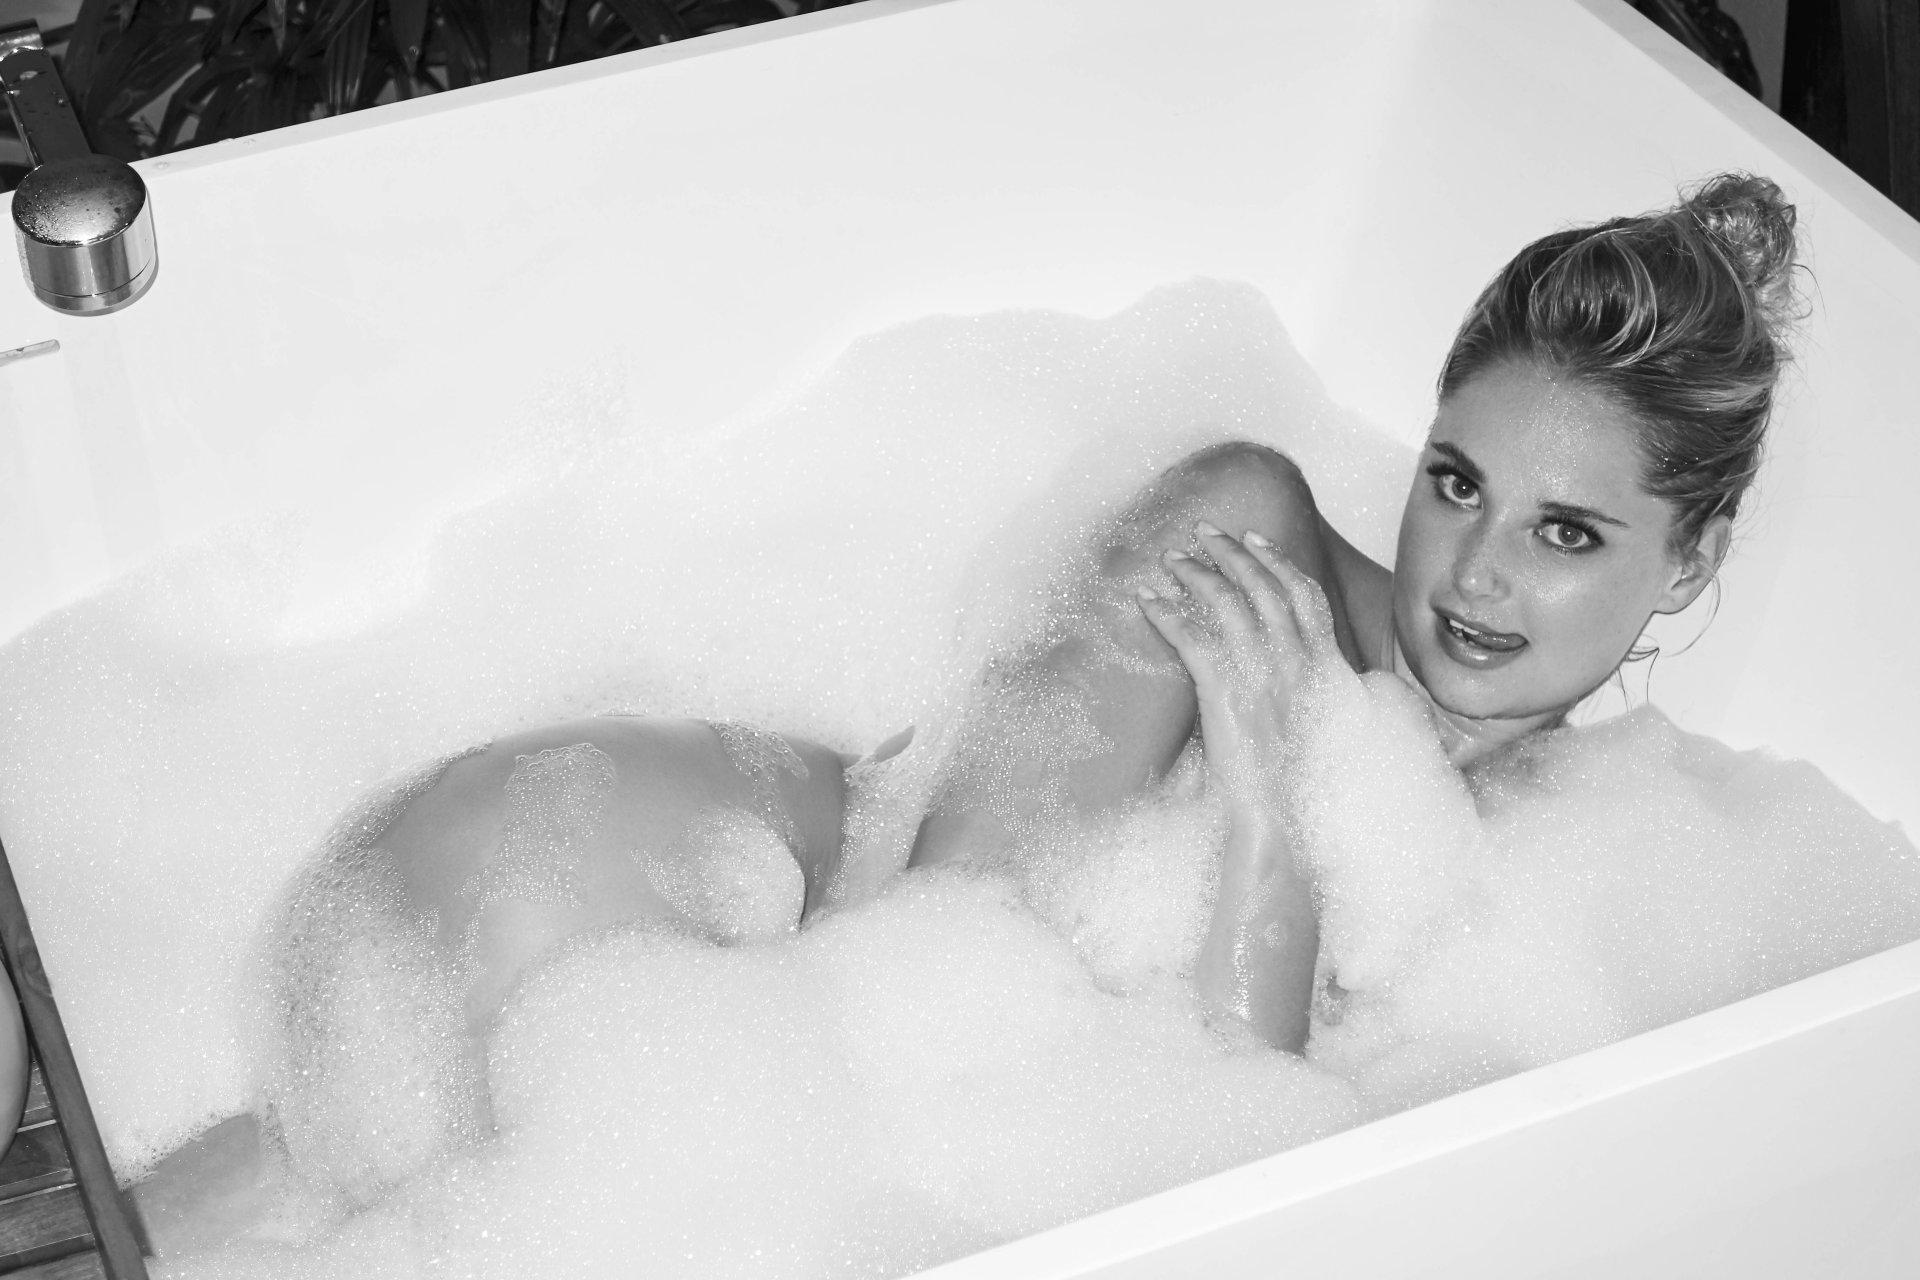 Genevieve morton nude photos naked sex pics